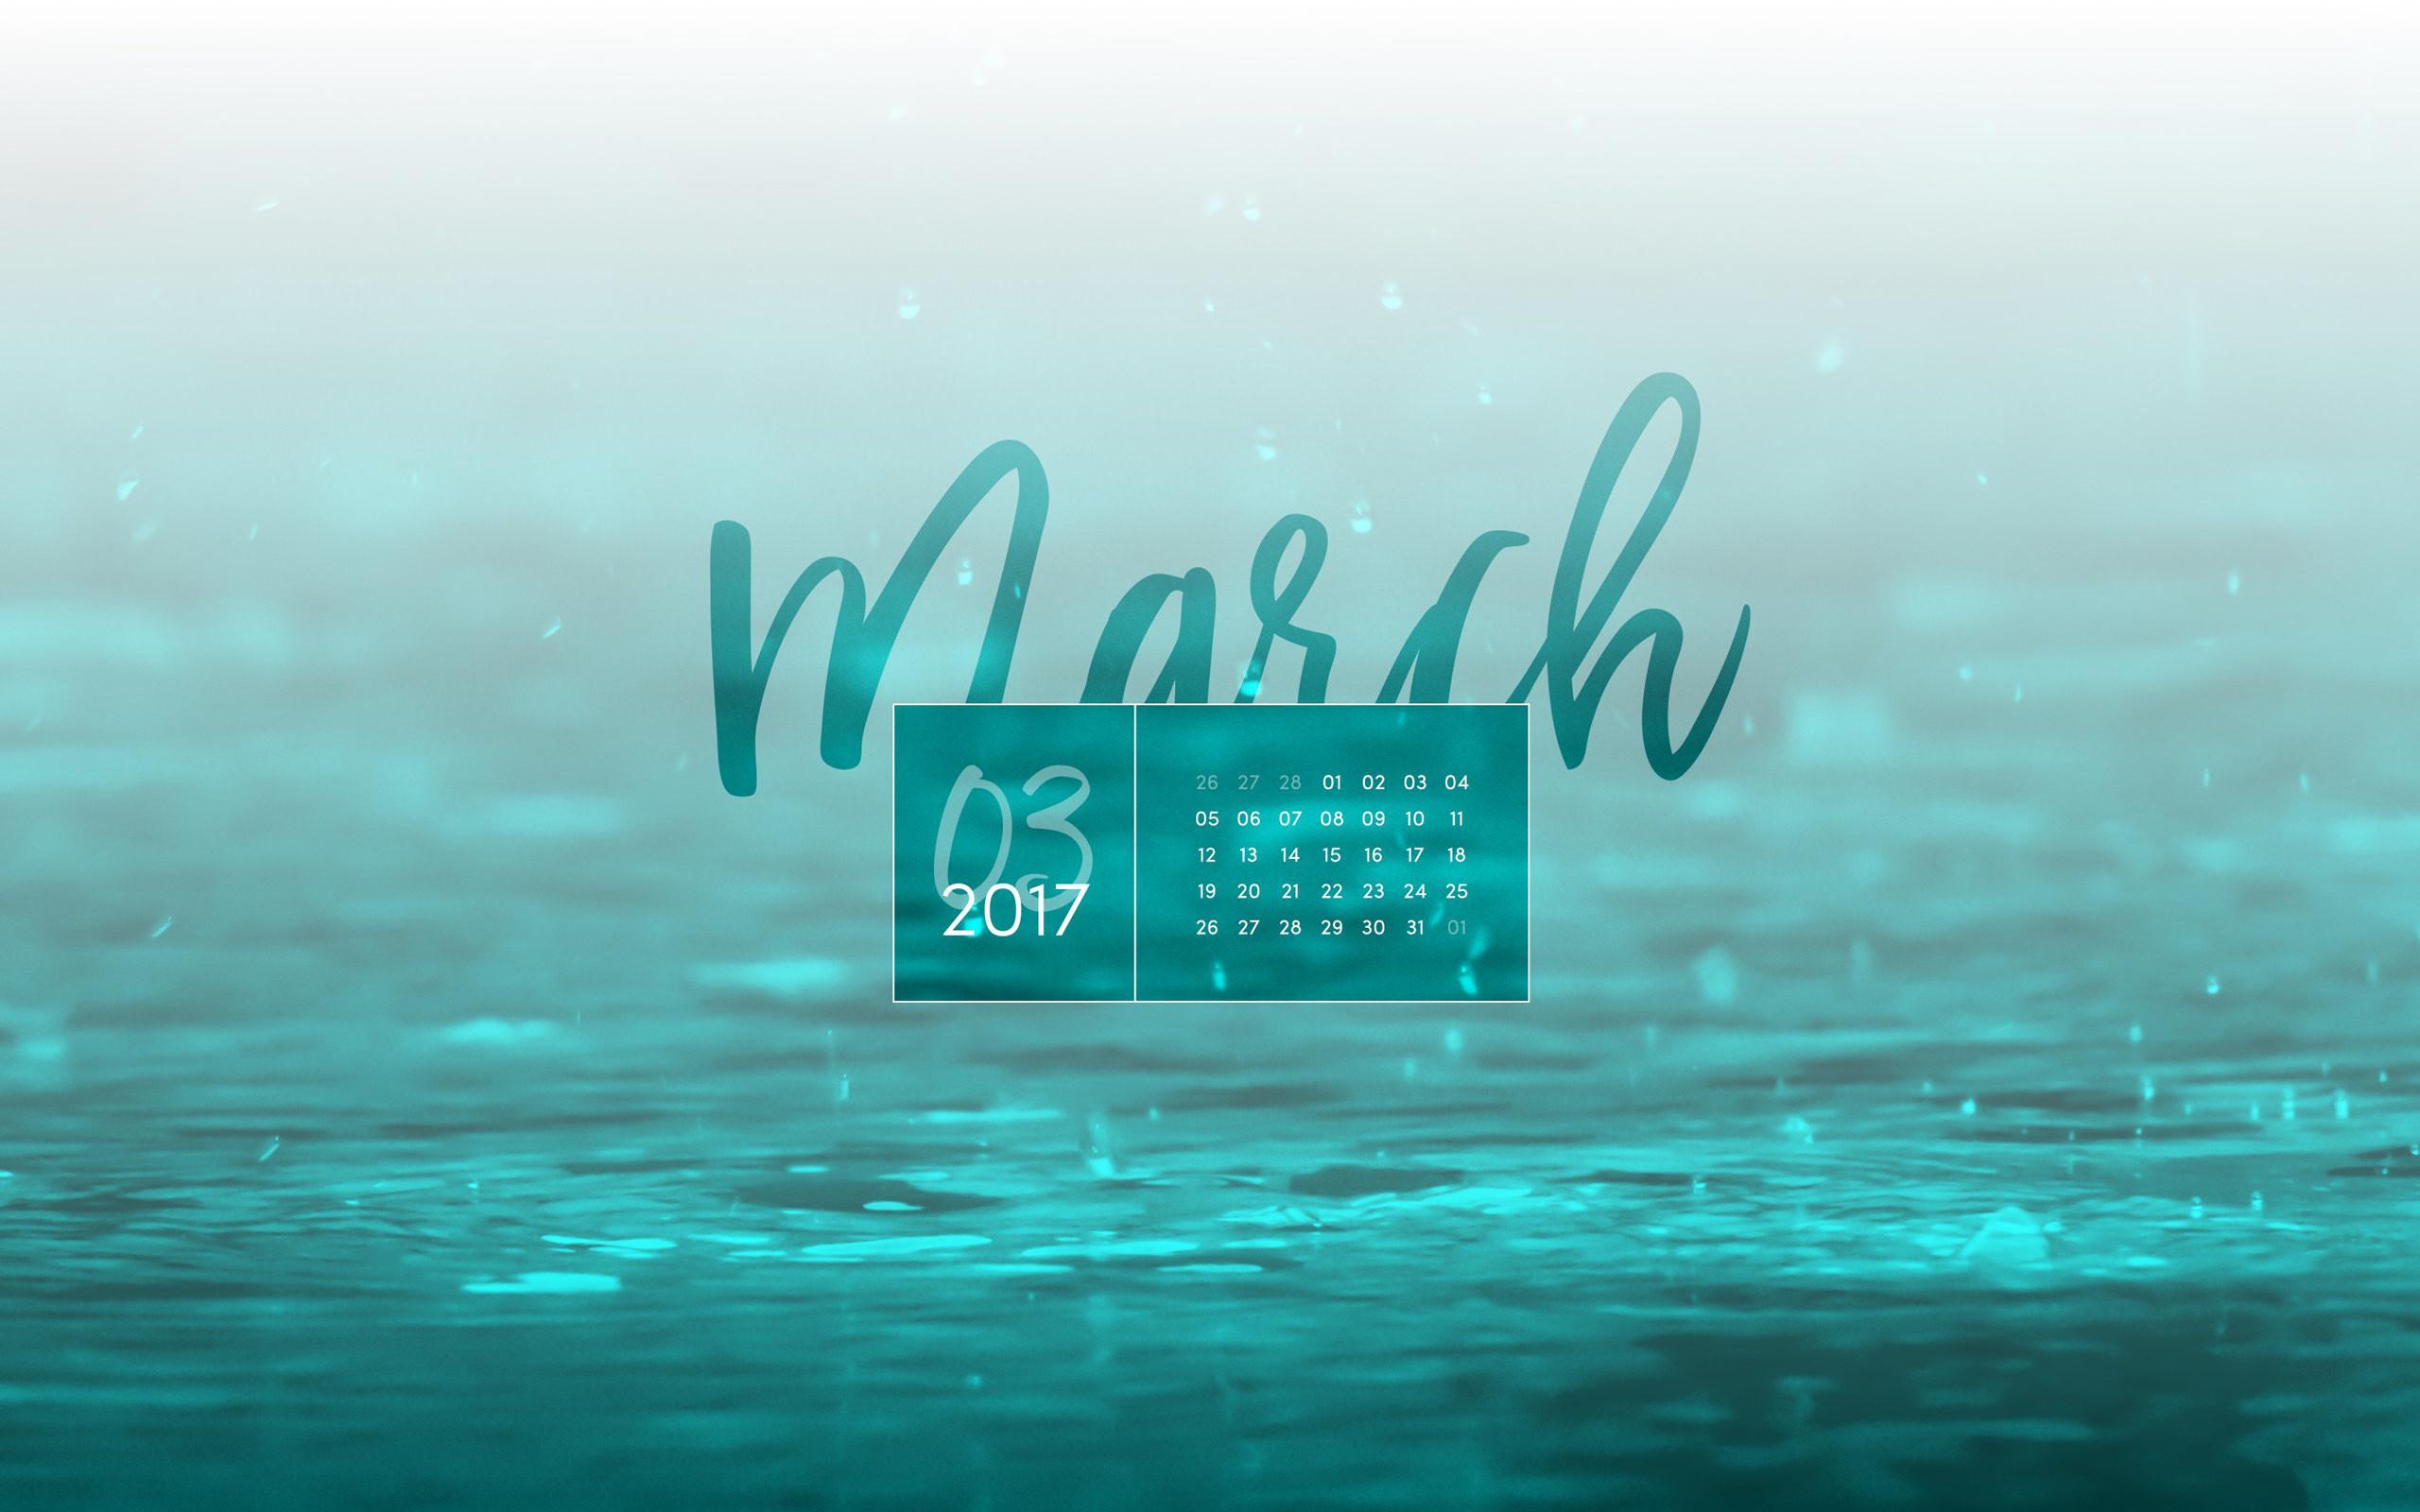 March 2017 Desktop Calendar Wallpaper